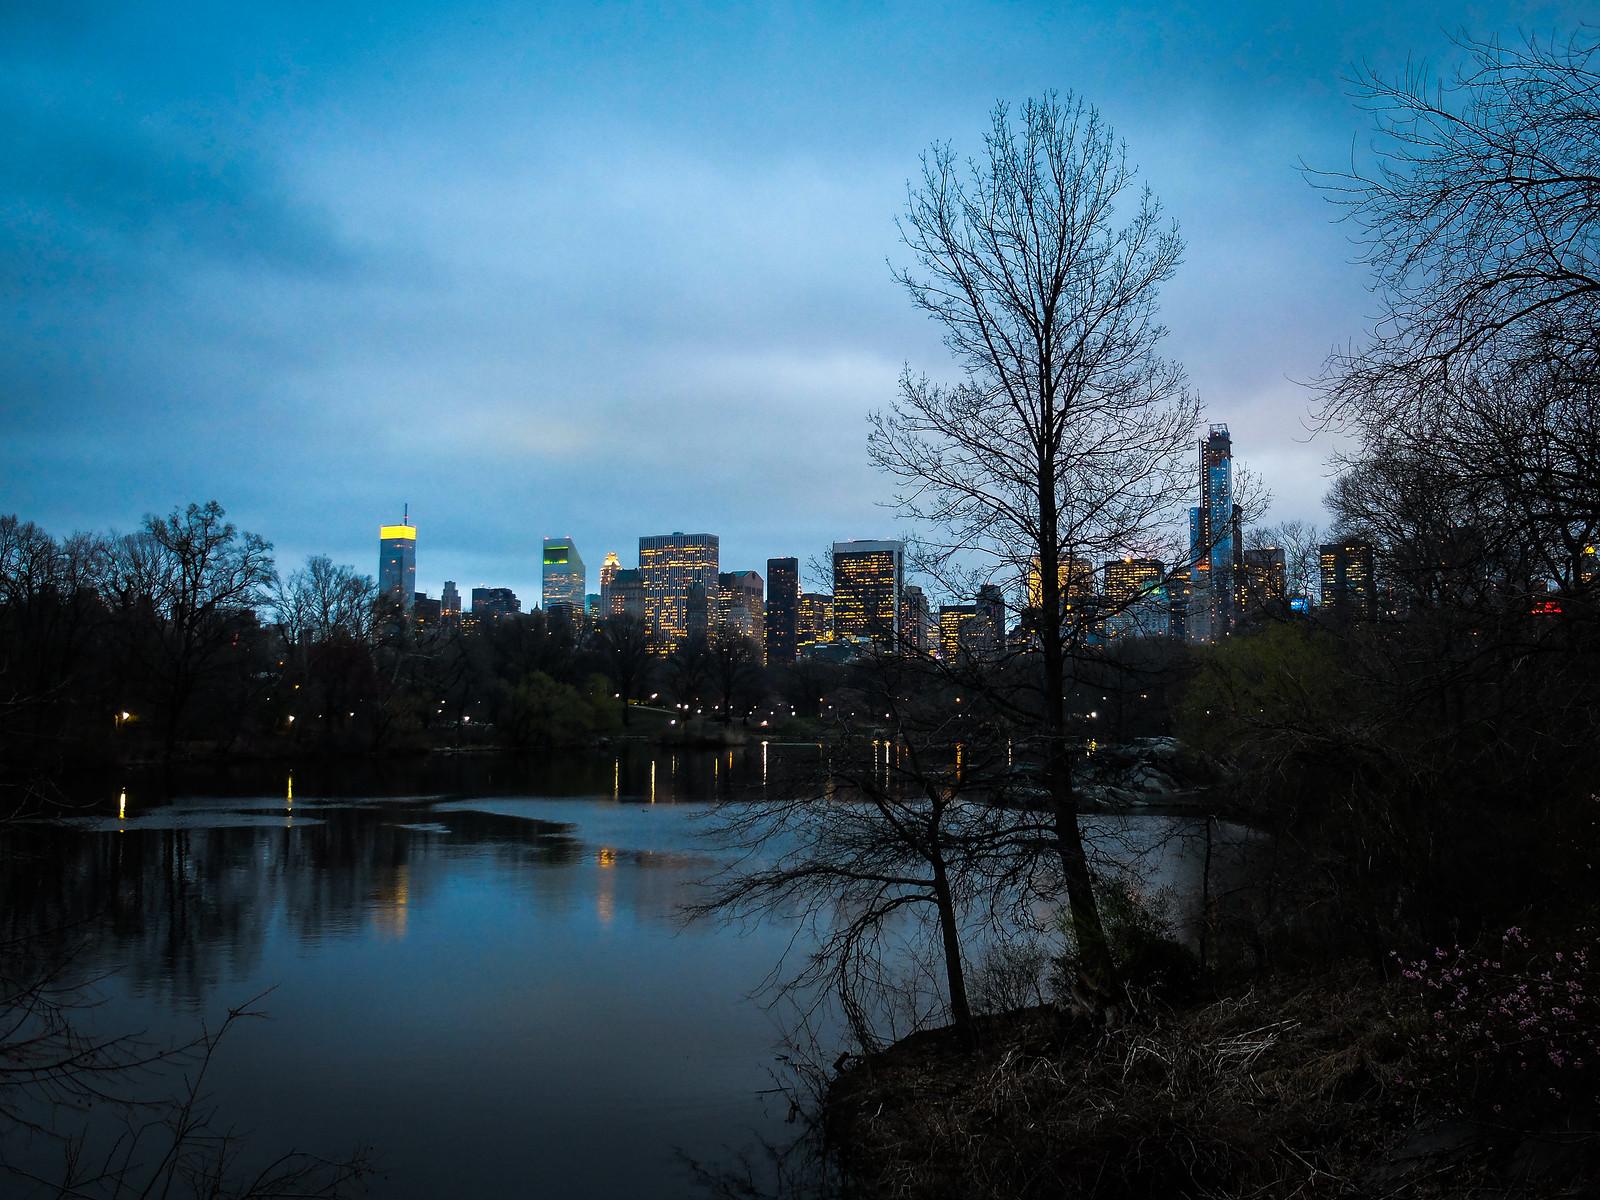 Illuminated Skyline by wwward0